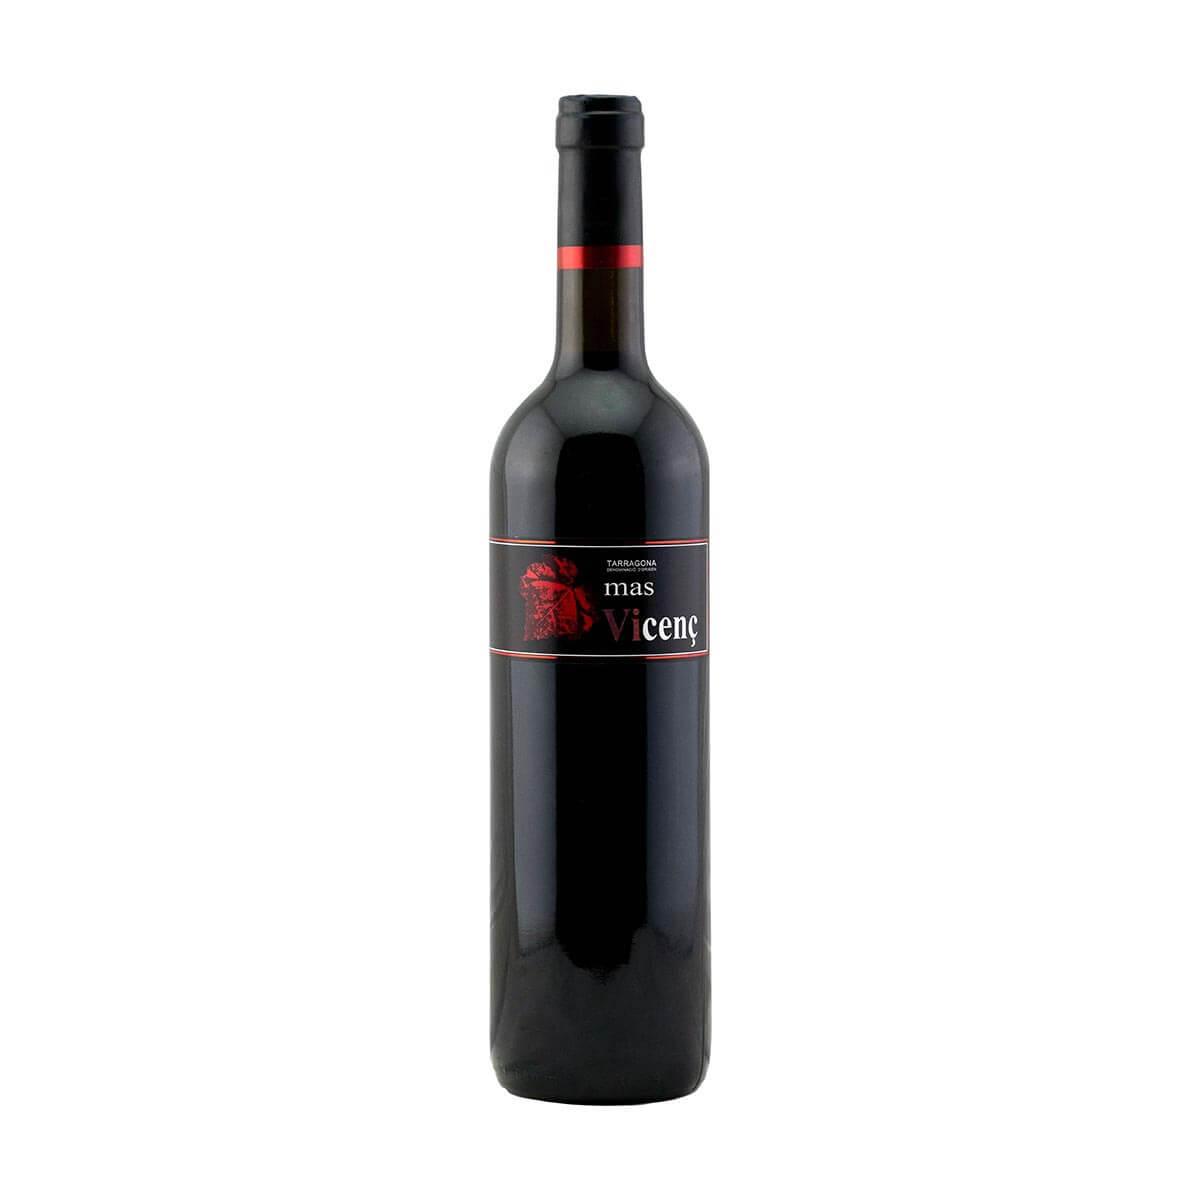 Anada antigua vino tinto Arlequí 2013